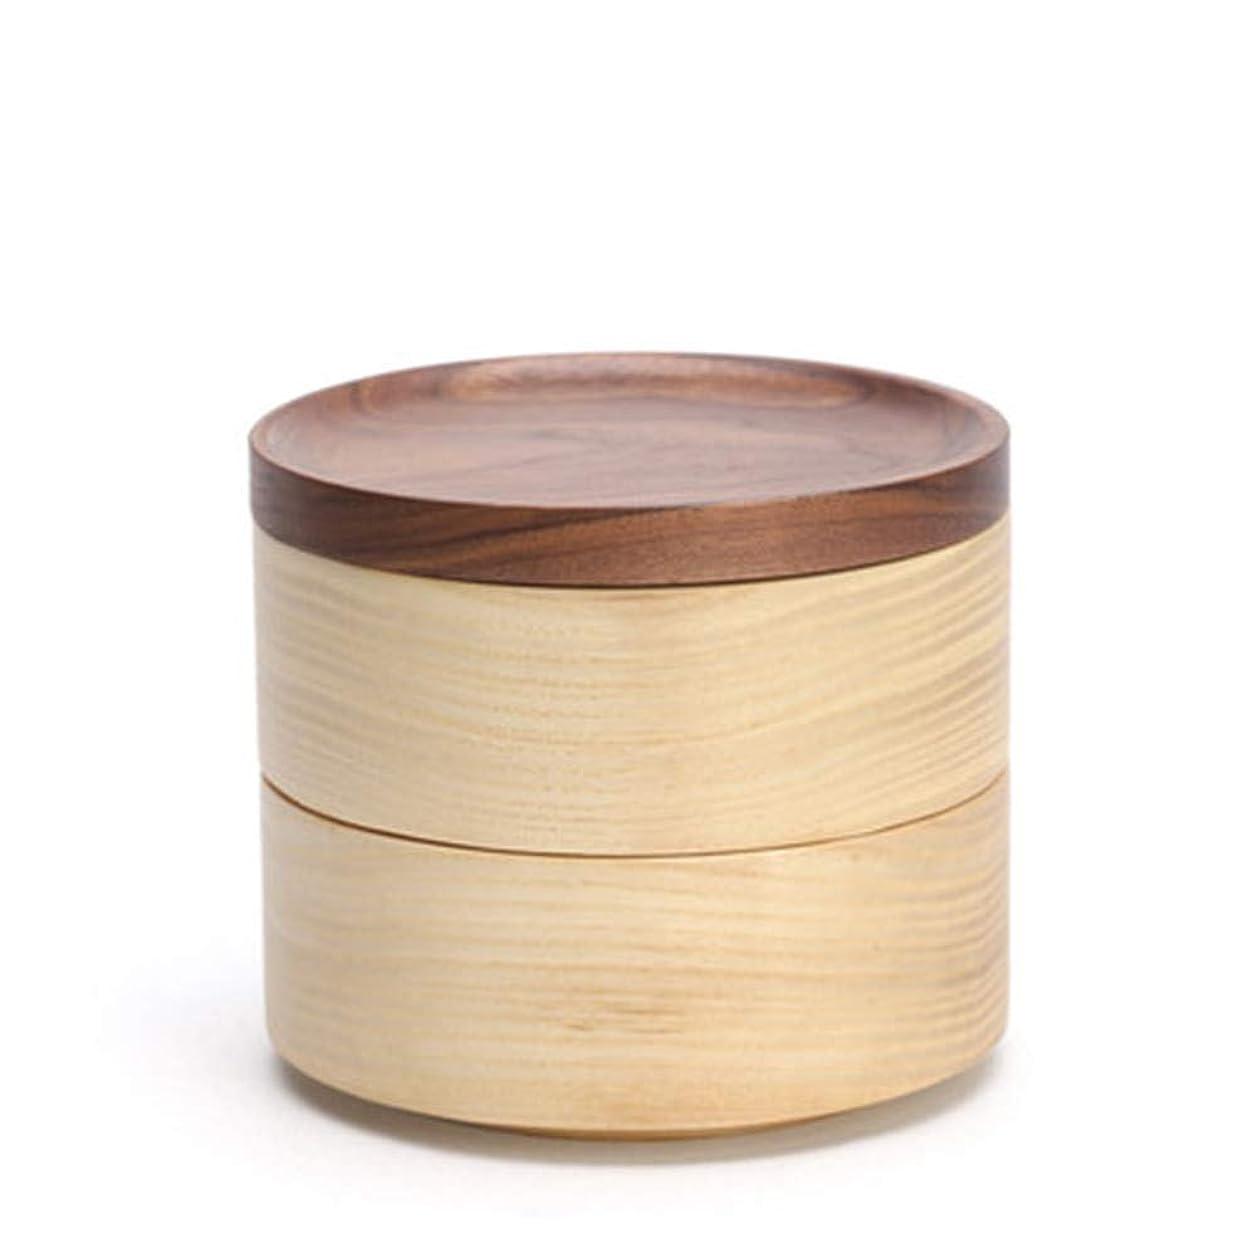 ジェーンオースティンレモン住居木製ジュエリーボックス、トラベルボックス二重層ジュエリーオーガナイザー、オーガナイザーと女性のための収納二層の取り外し可能なパーティションイヤリングブレスレットリングケース